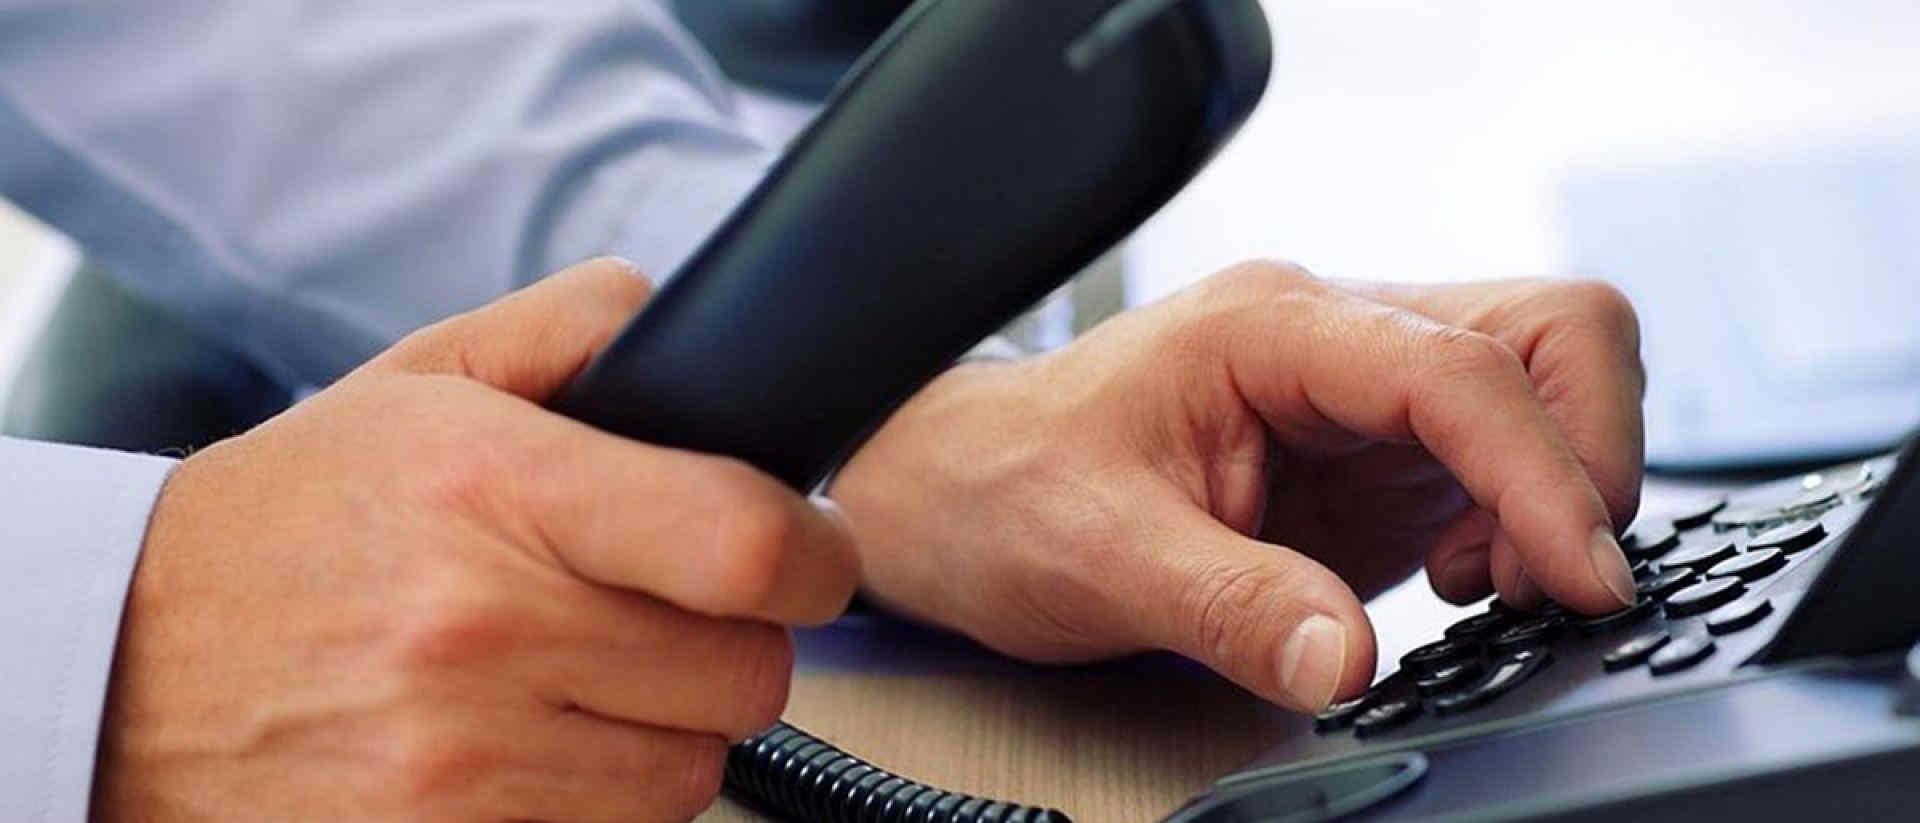 Бесплатная юридическая консультация по телефону 8800 бесплатно